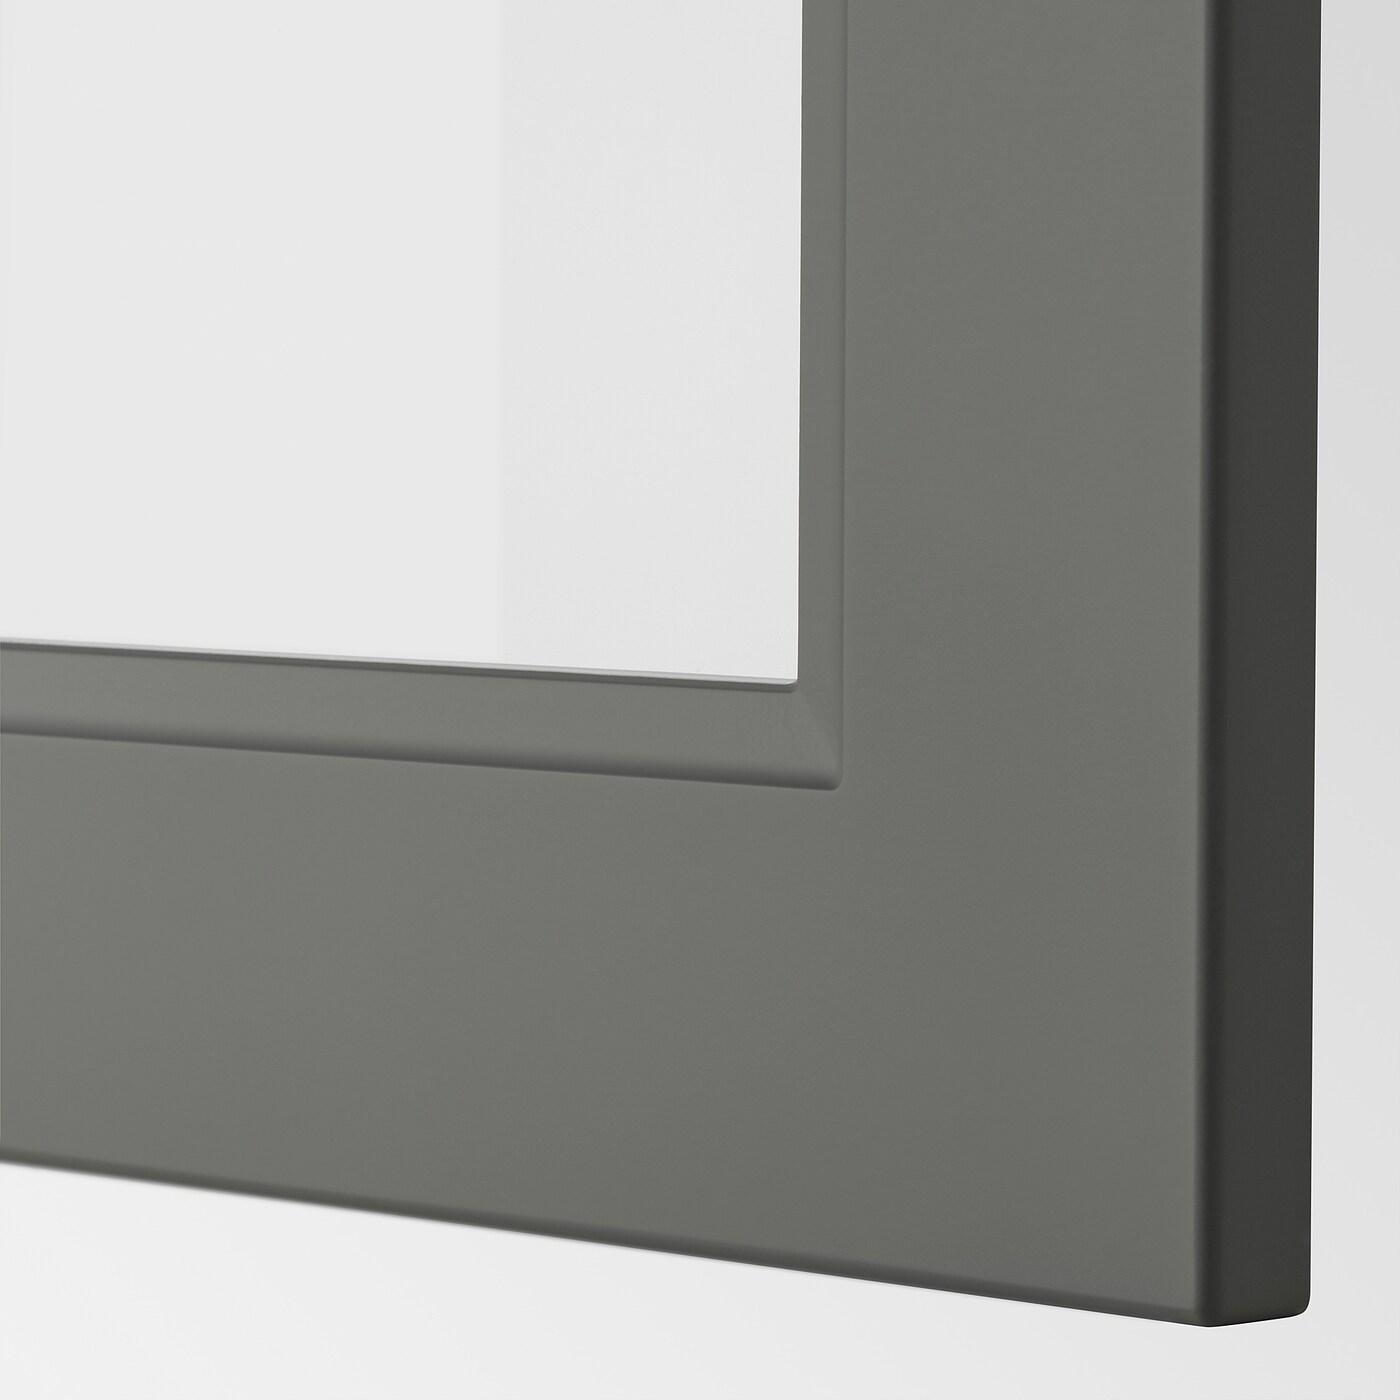 Full Size of Axstad Vitrinentr Dunkelgrau Ikea Deutschland Küche Erweitern Unterschrank Sideboard Mit Arbeitsplatte Wellmann Aufbewahrungssystem Aufbewahrungsbehälter Wohnzimmer Ikea Küche Axstad